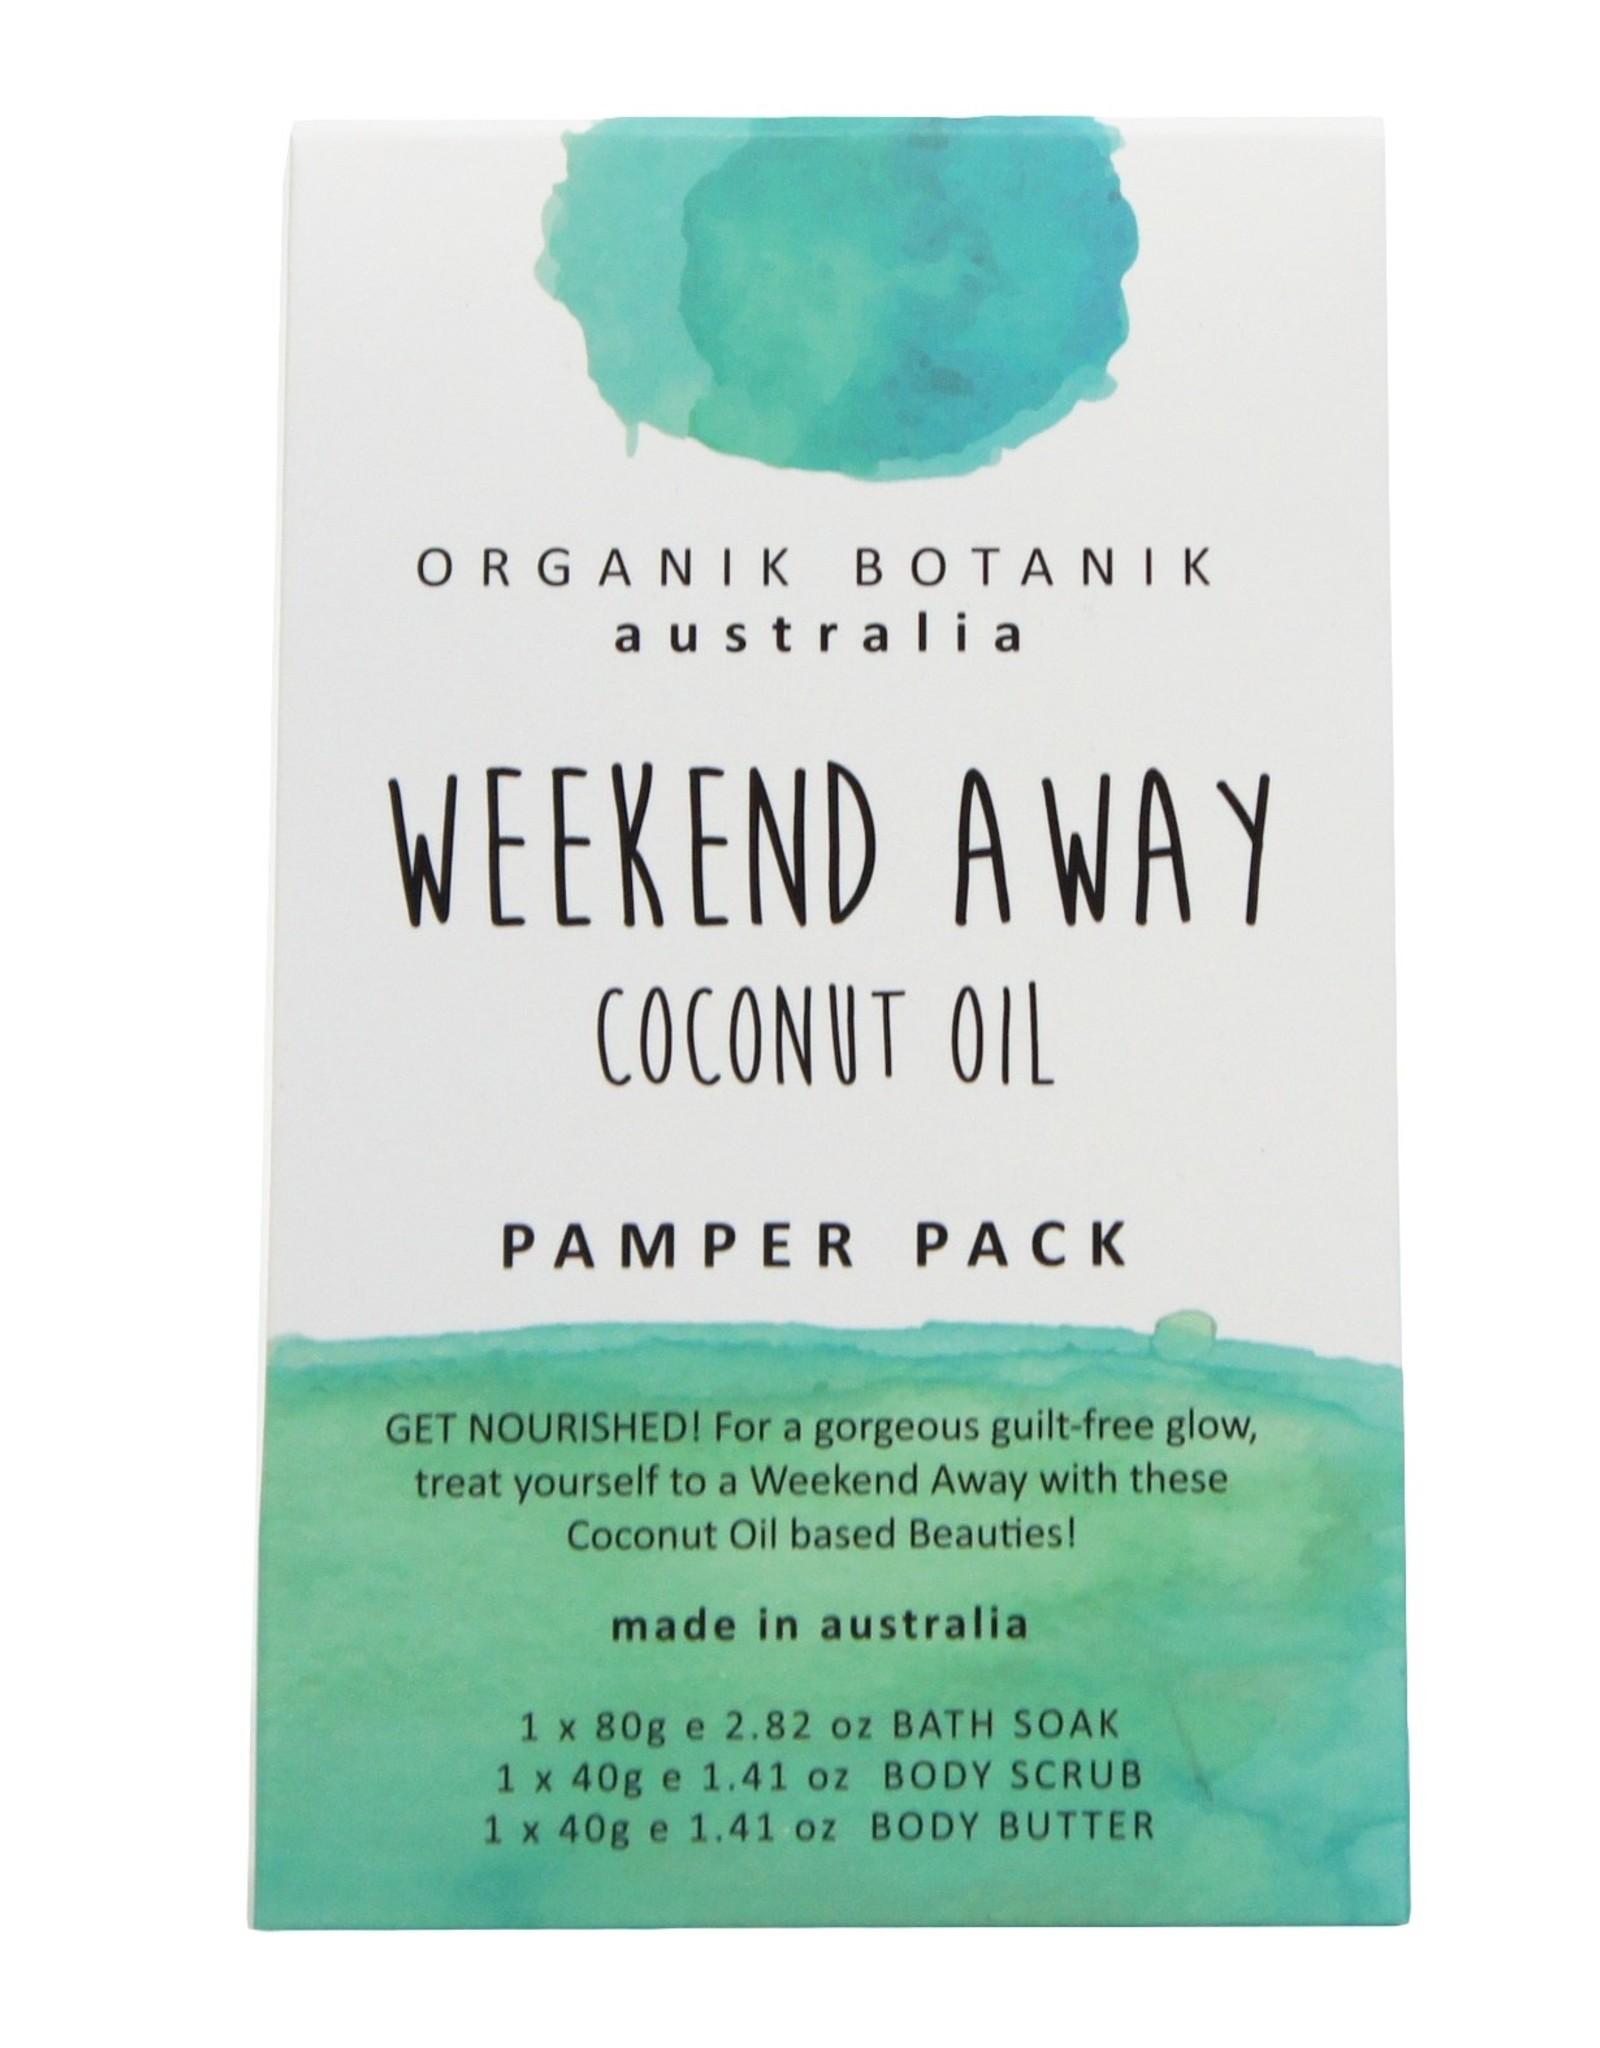 Organik Botanik Gift  & Pamper Packs